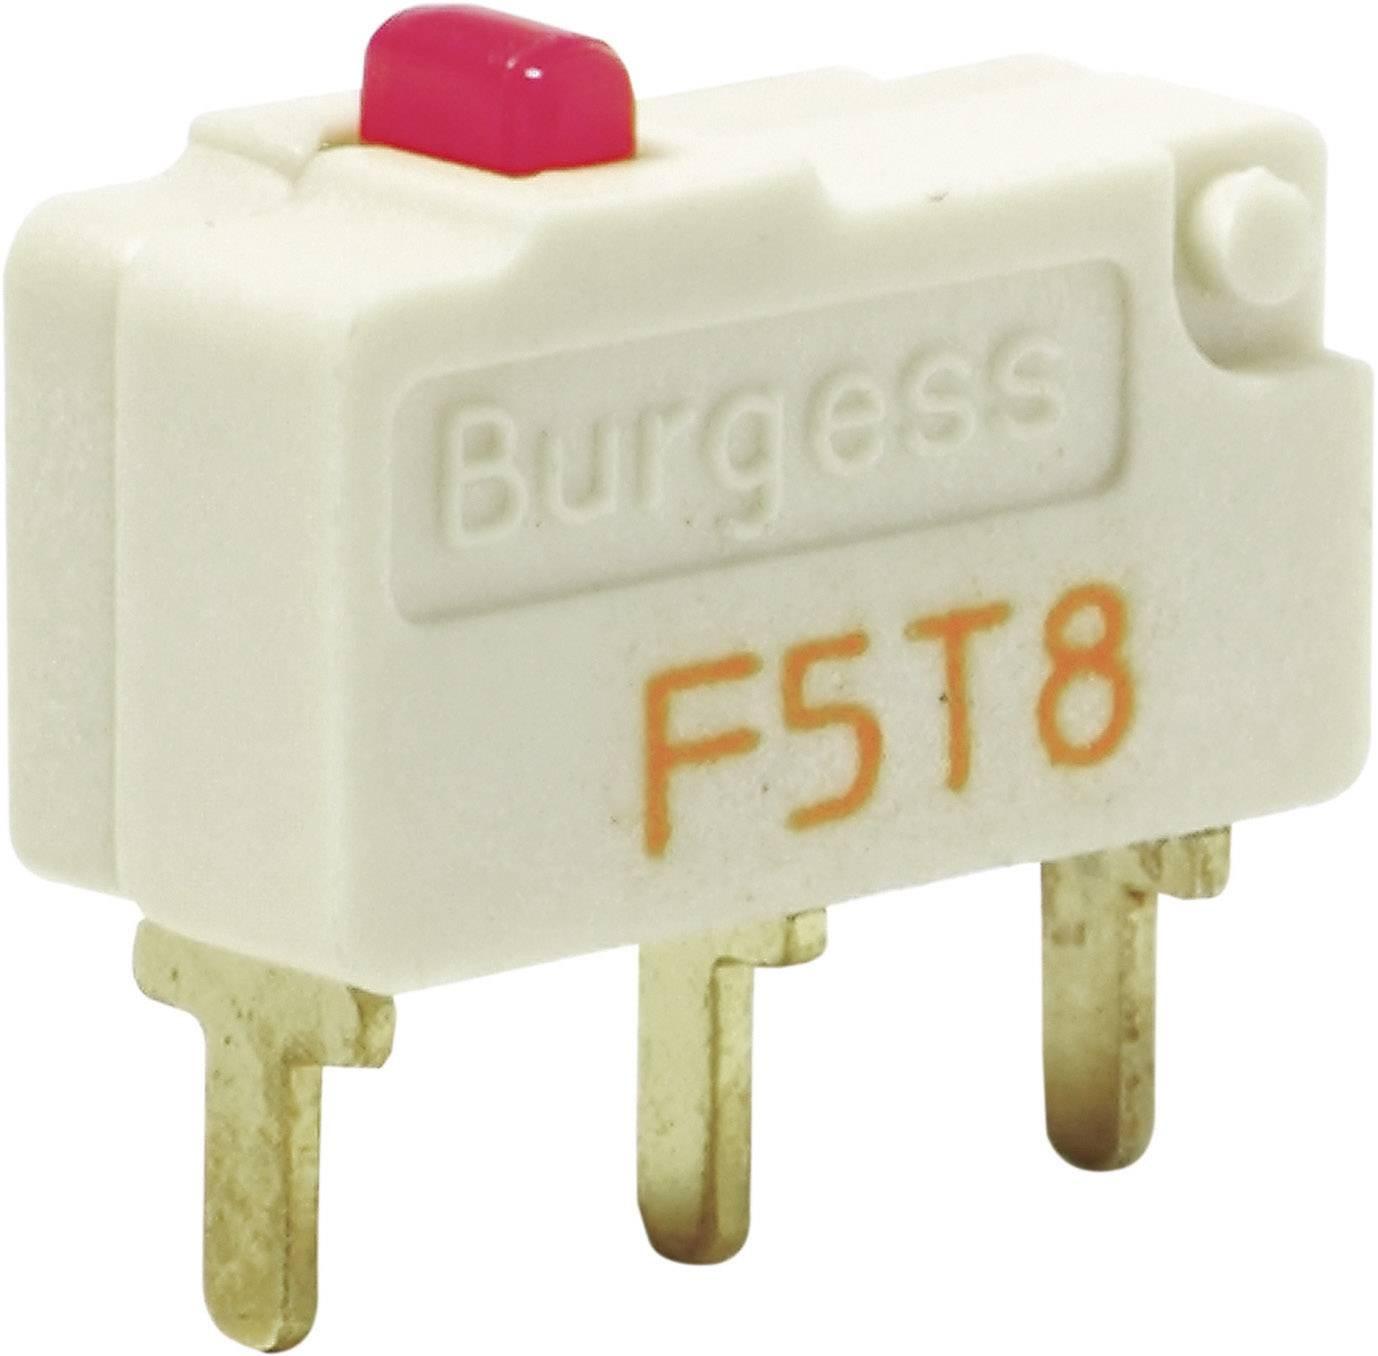 Mikrospínač - simulované koliesko Burgess F5T8YCUL, 250 V/AC, 5 A, IP40